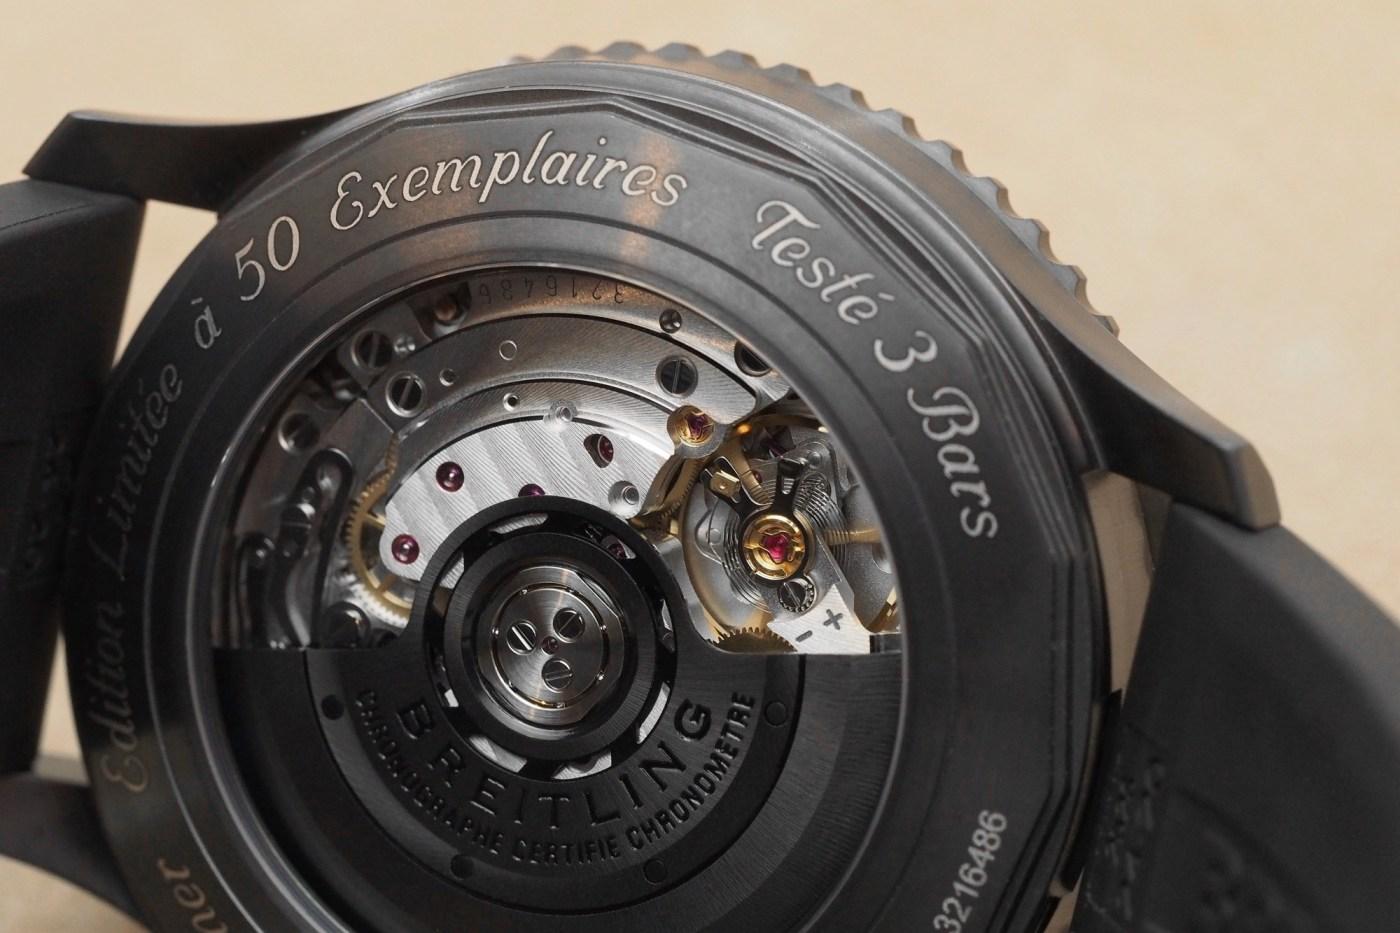 Breitling Navitimer 46mm All-Black caseback